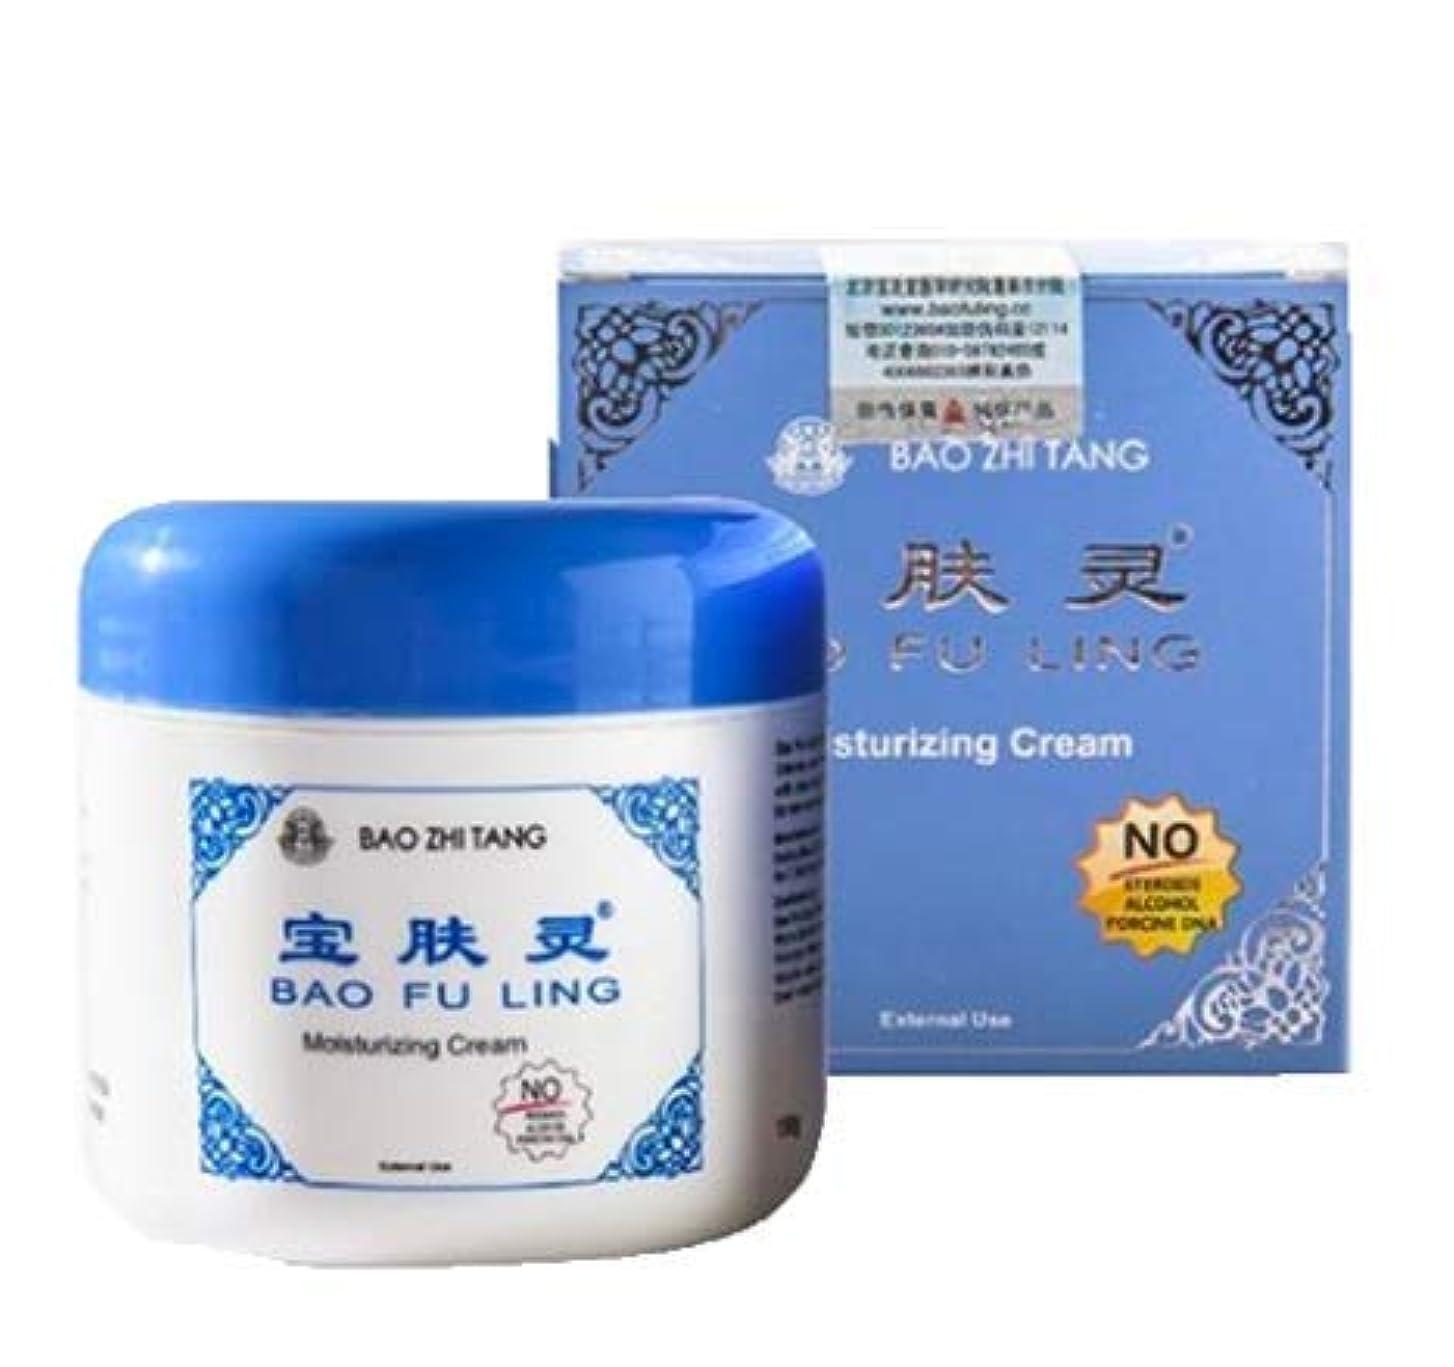 バージン天国チェリー【Bao Fu Ling(宝肤灵)】保湿クリーム Moisturizing Cream (150g) [並行輸入品]